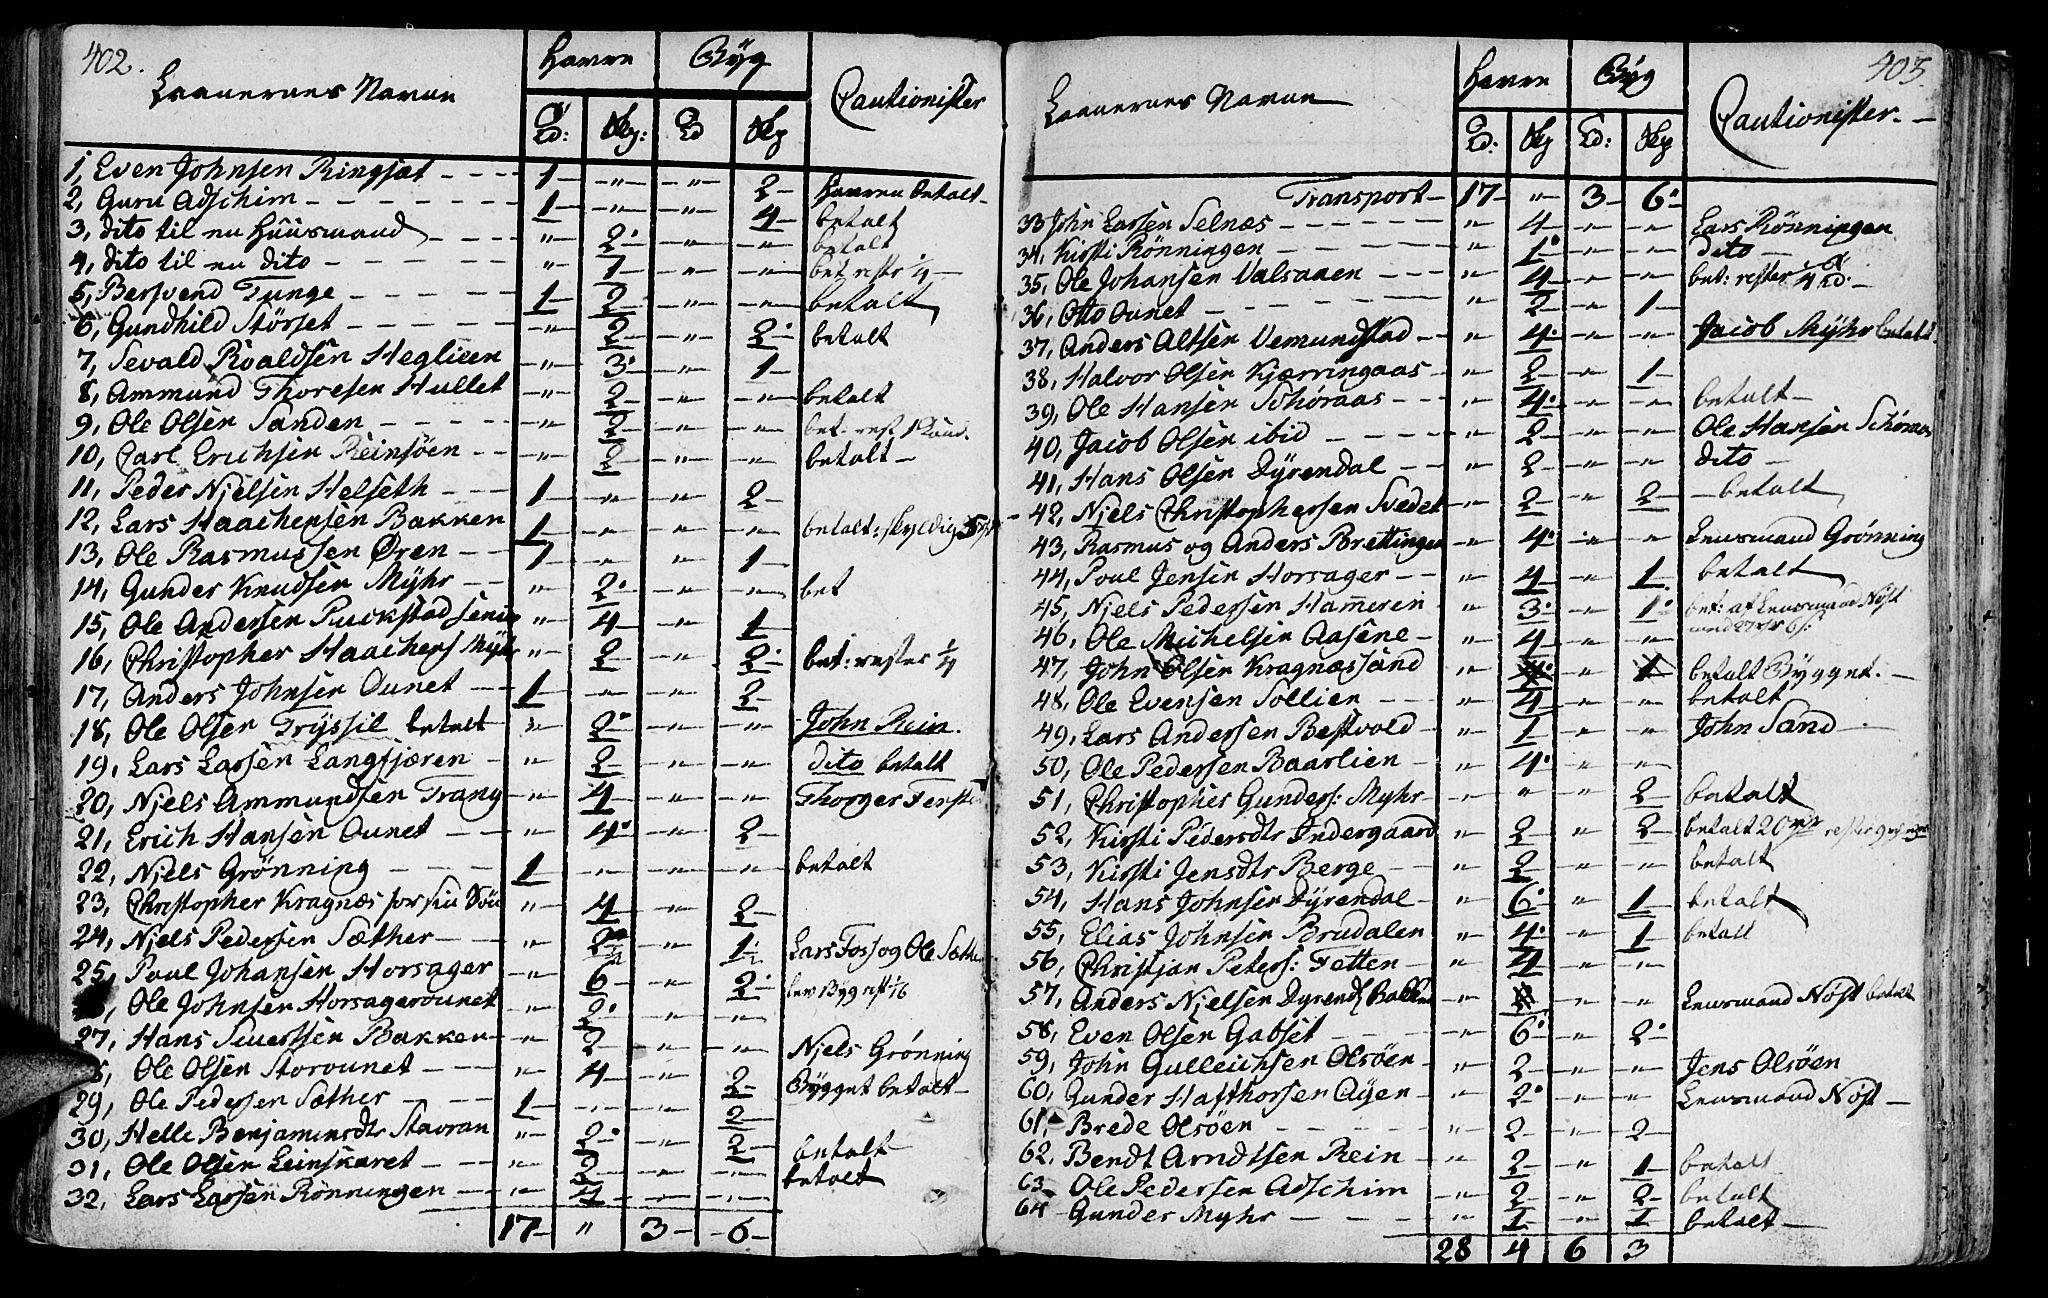 SAT, Ministerialprotokoller, klokkerbøker og fødselsregistre - Sør-Trøndelag, 646/L0606: Ministerialbok nr. 646A04, 1791-1805, s. 402-403